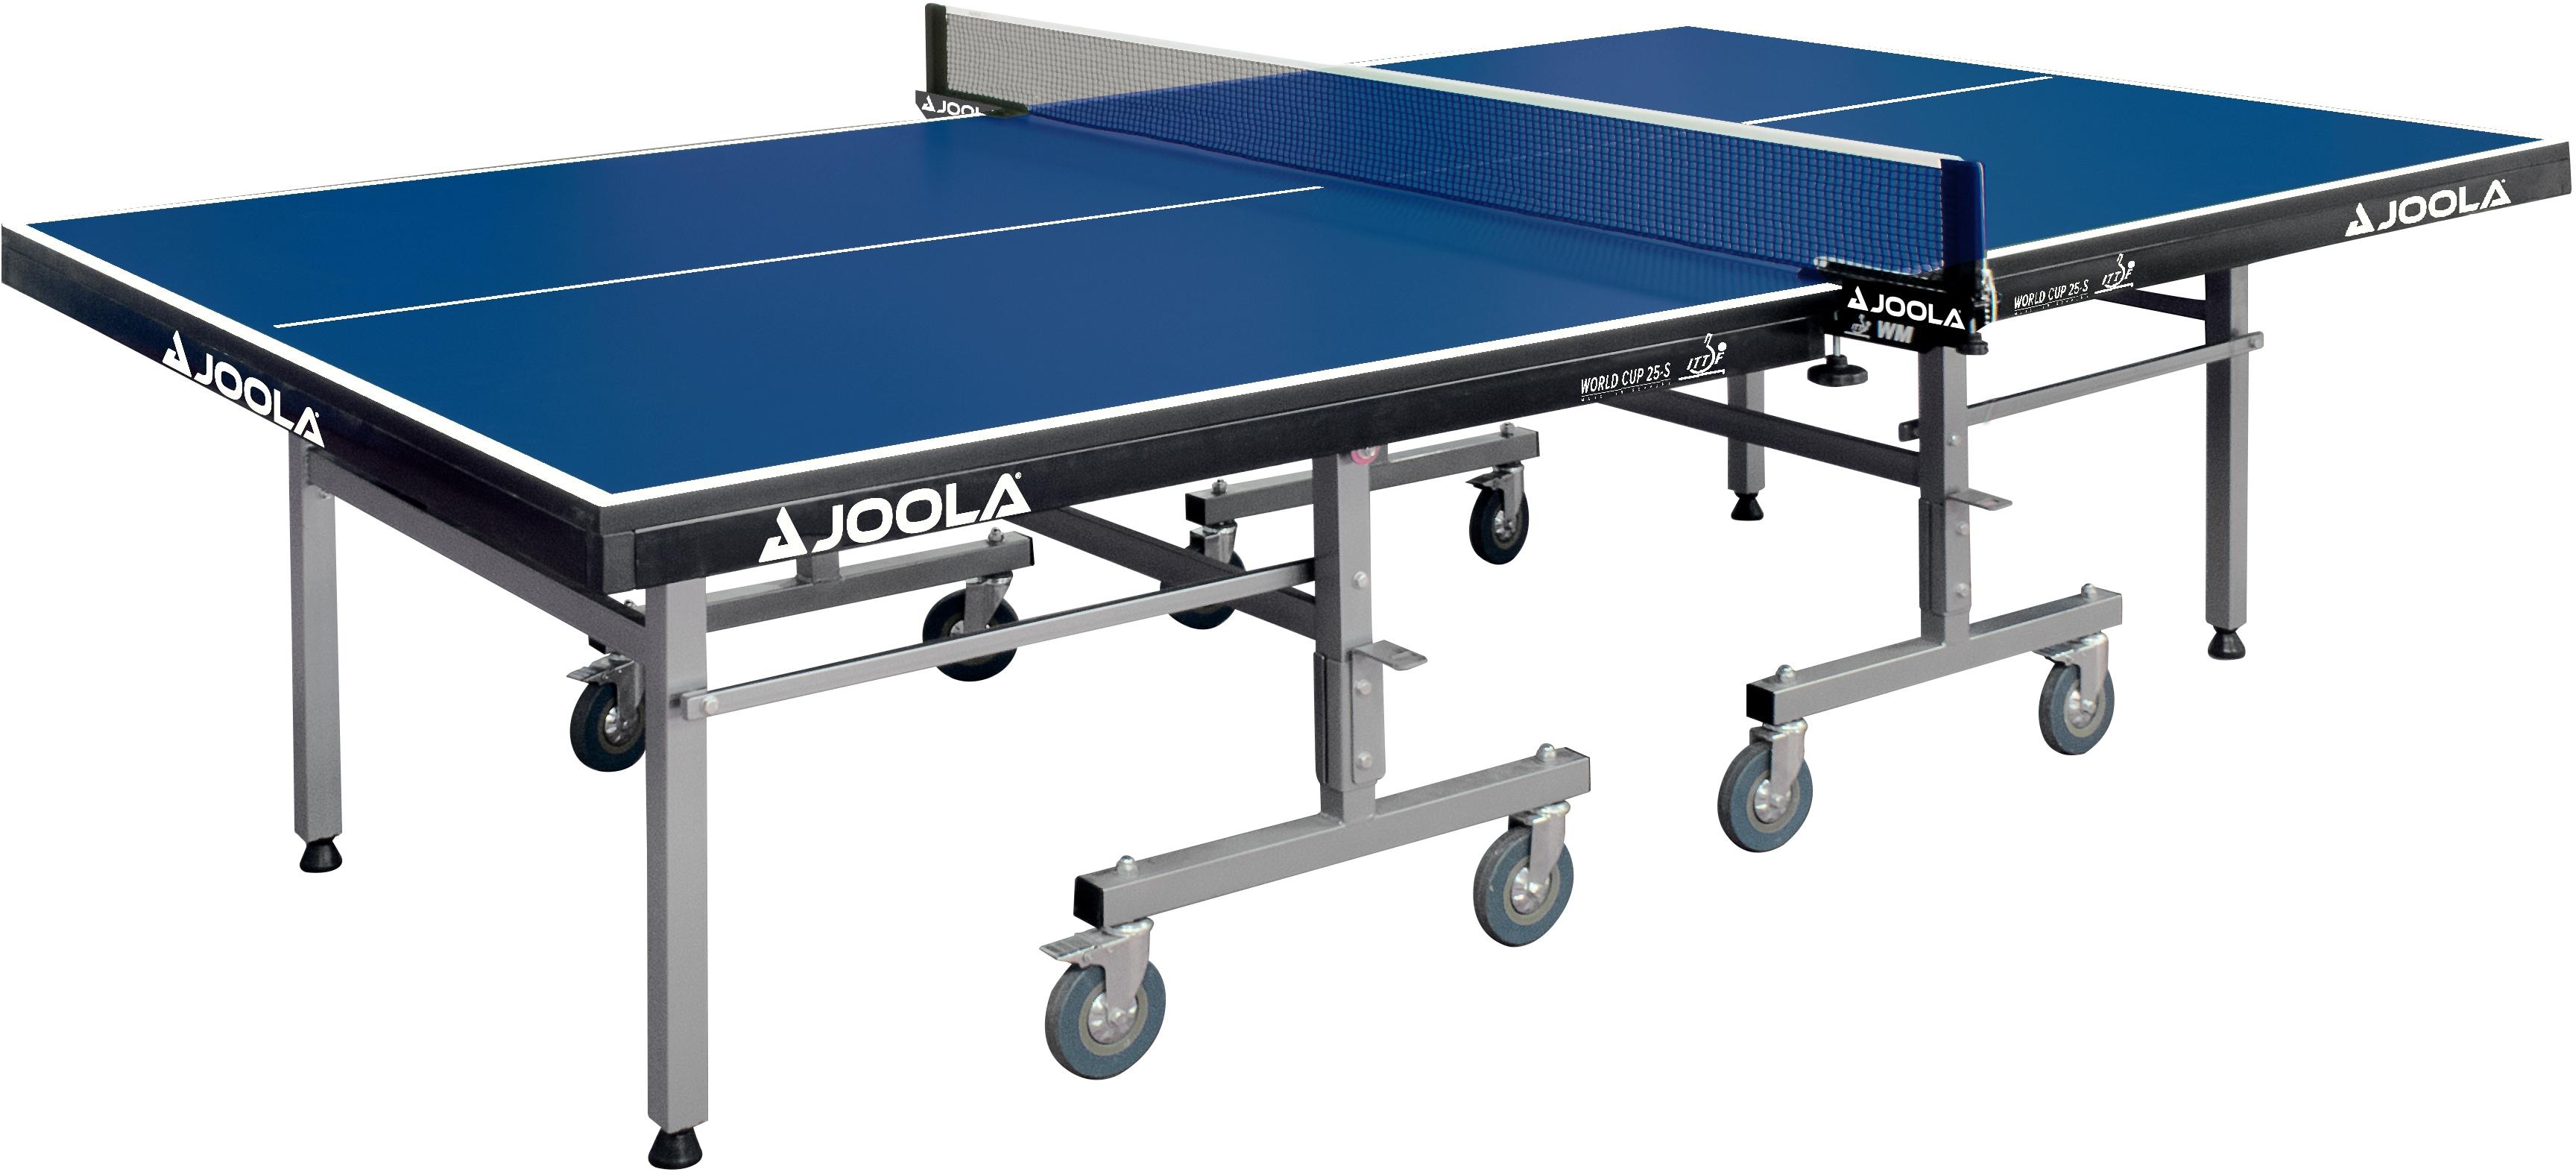 Joola Tischtennisplatte World Cup 25-S blau Tischtennis-Ausrüstung Tischtennis Sportarten